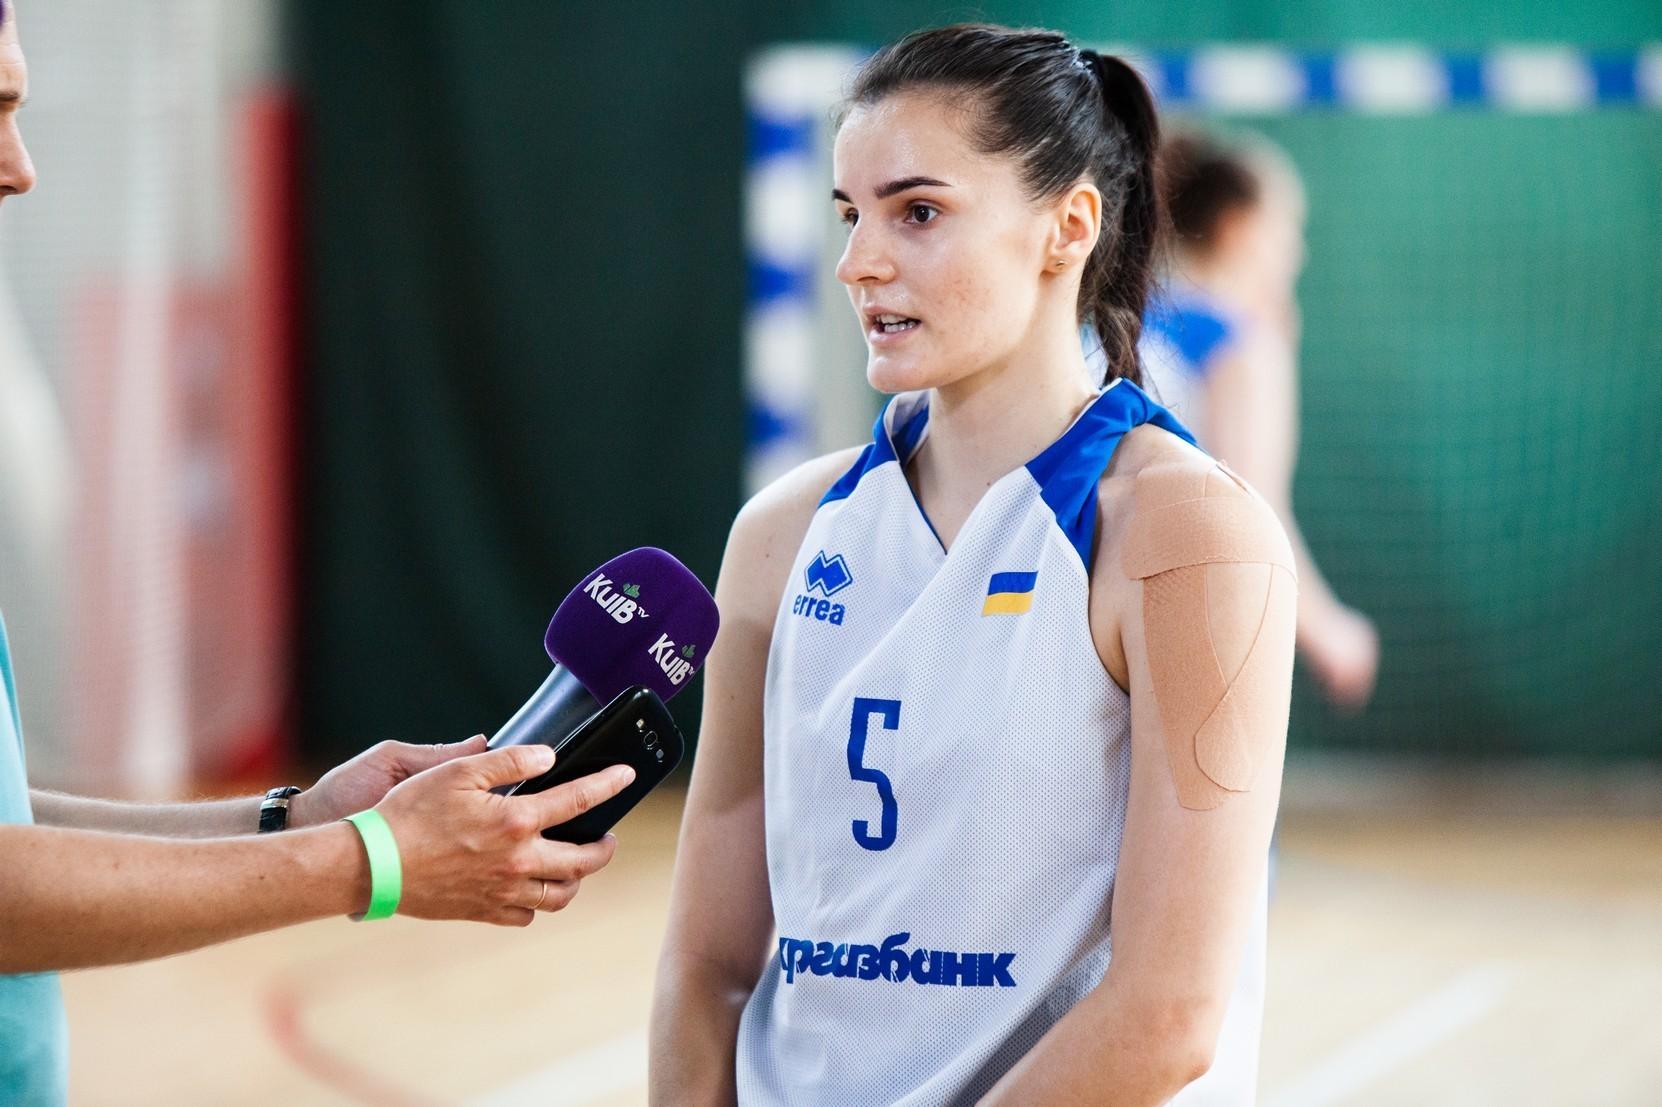 Вікторія Кондусь: зроблю усе, щоб зіграти максимально корисно для команди